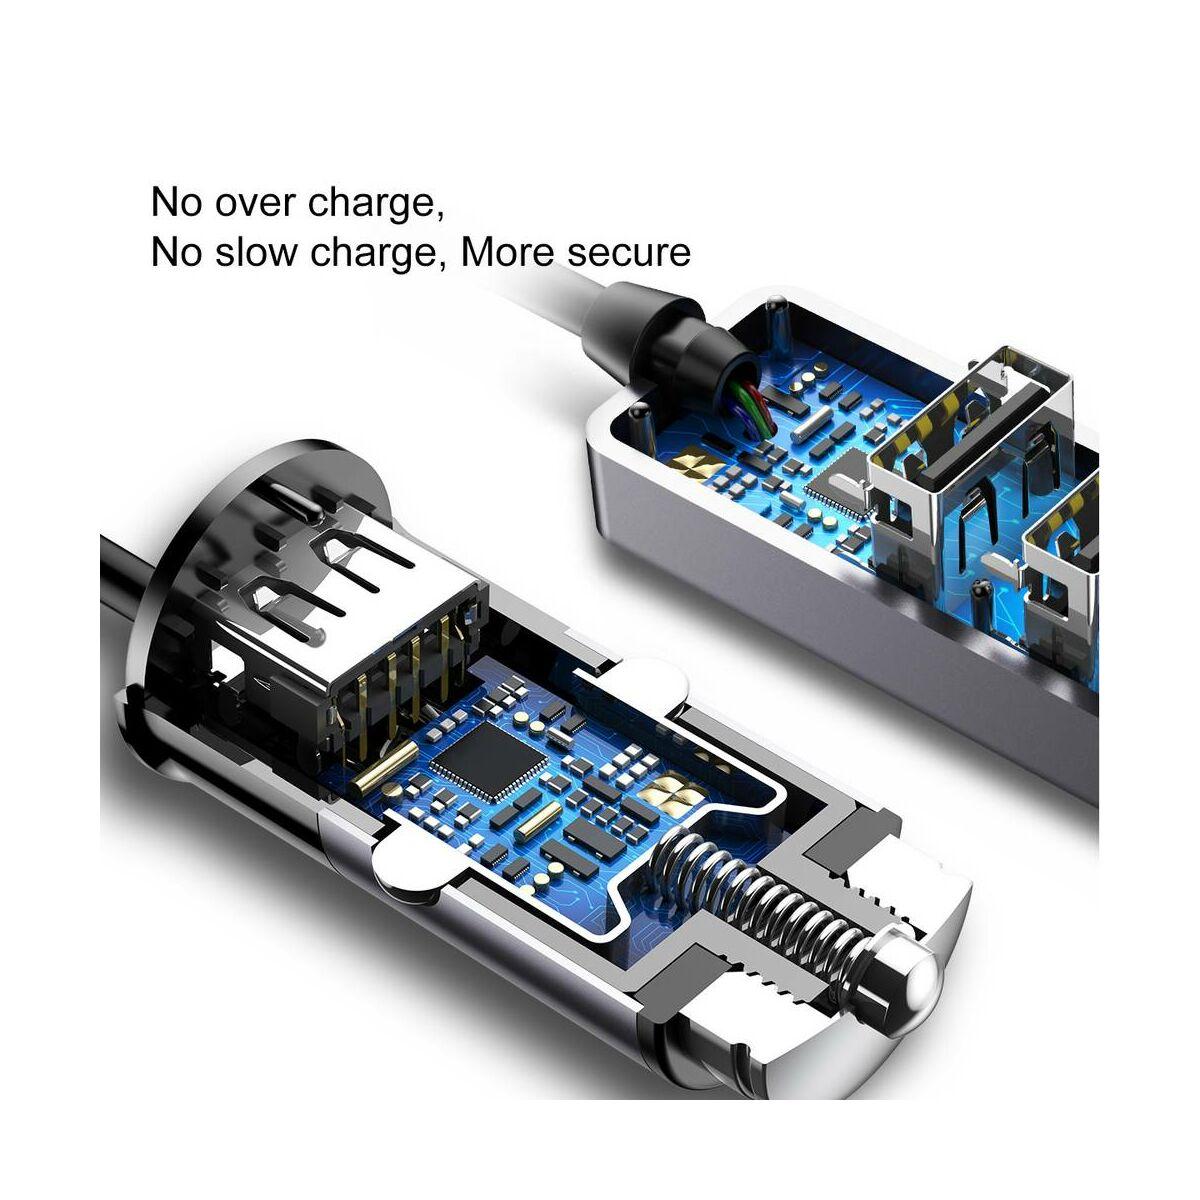 Baseus autós töltő, Enjoy Together 4 kimenet, max 5.5A, sötétszürke (CCTON-0G)